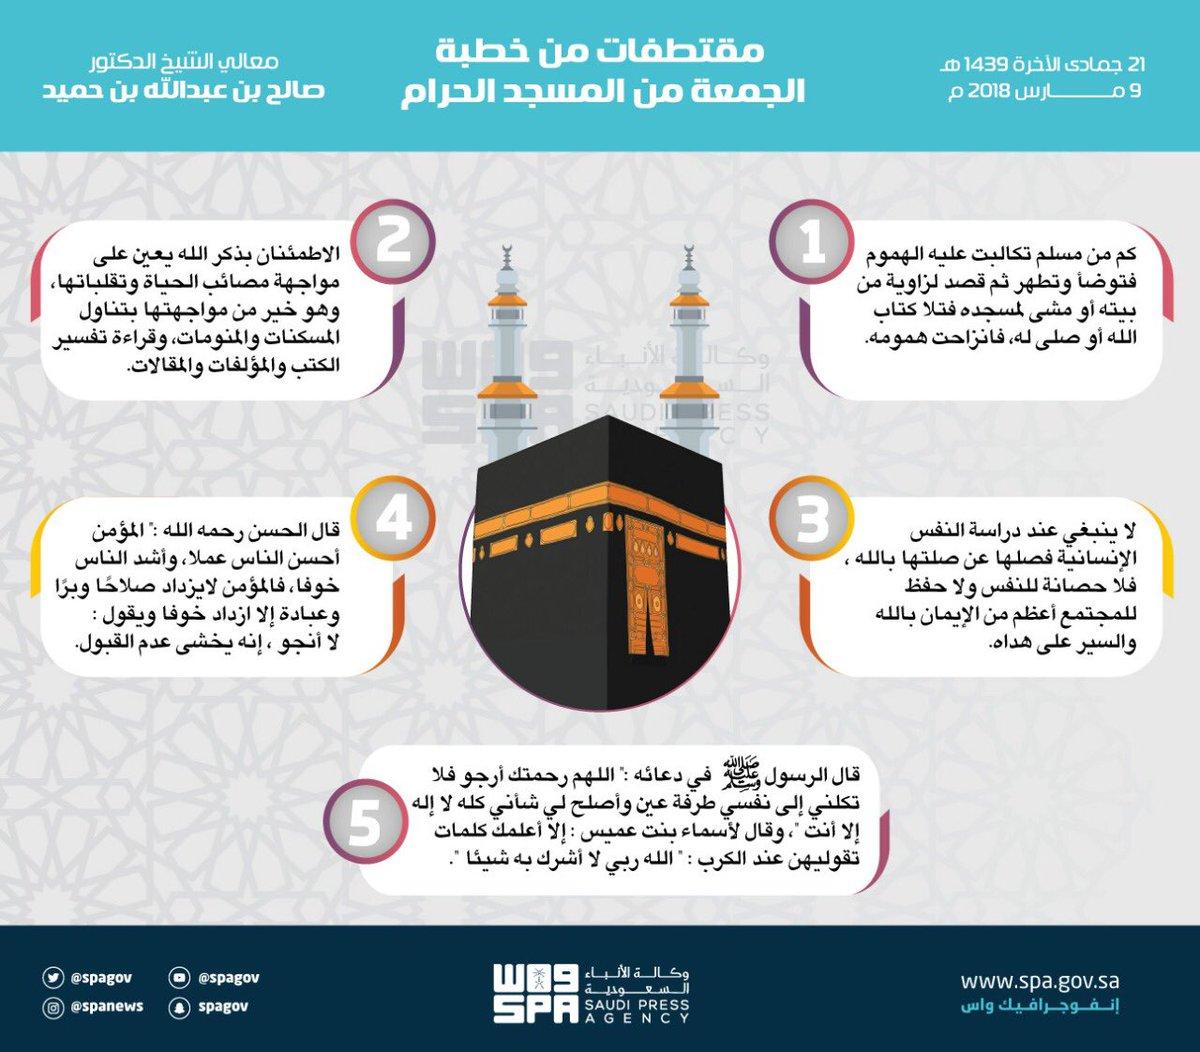 مقتطفات من خطبة #الجمعة بـ #المسجد_الحرا...